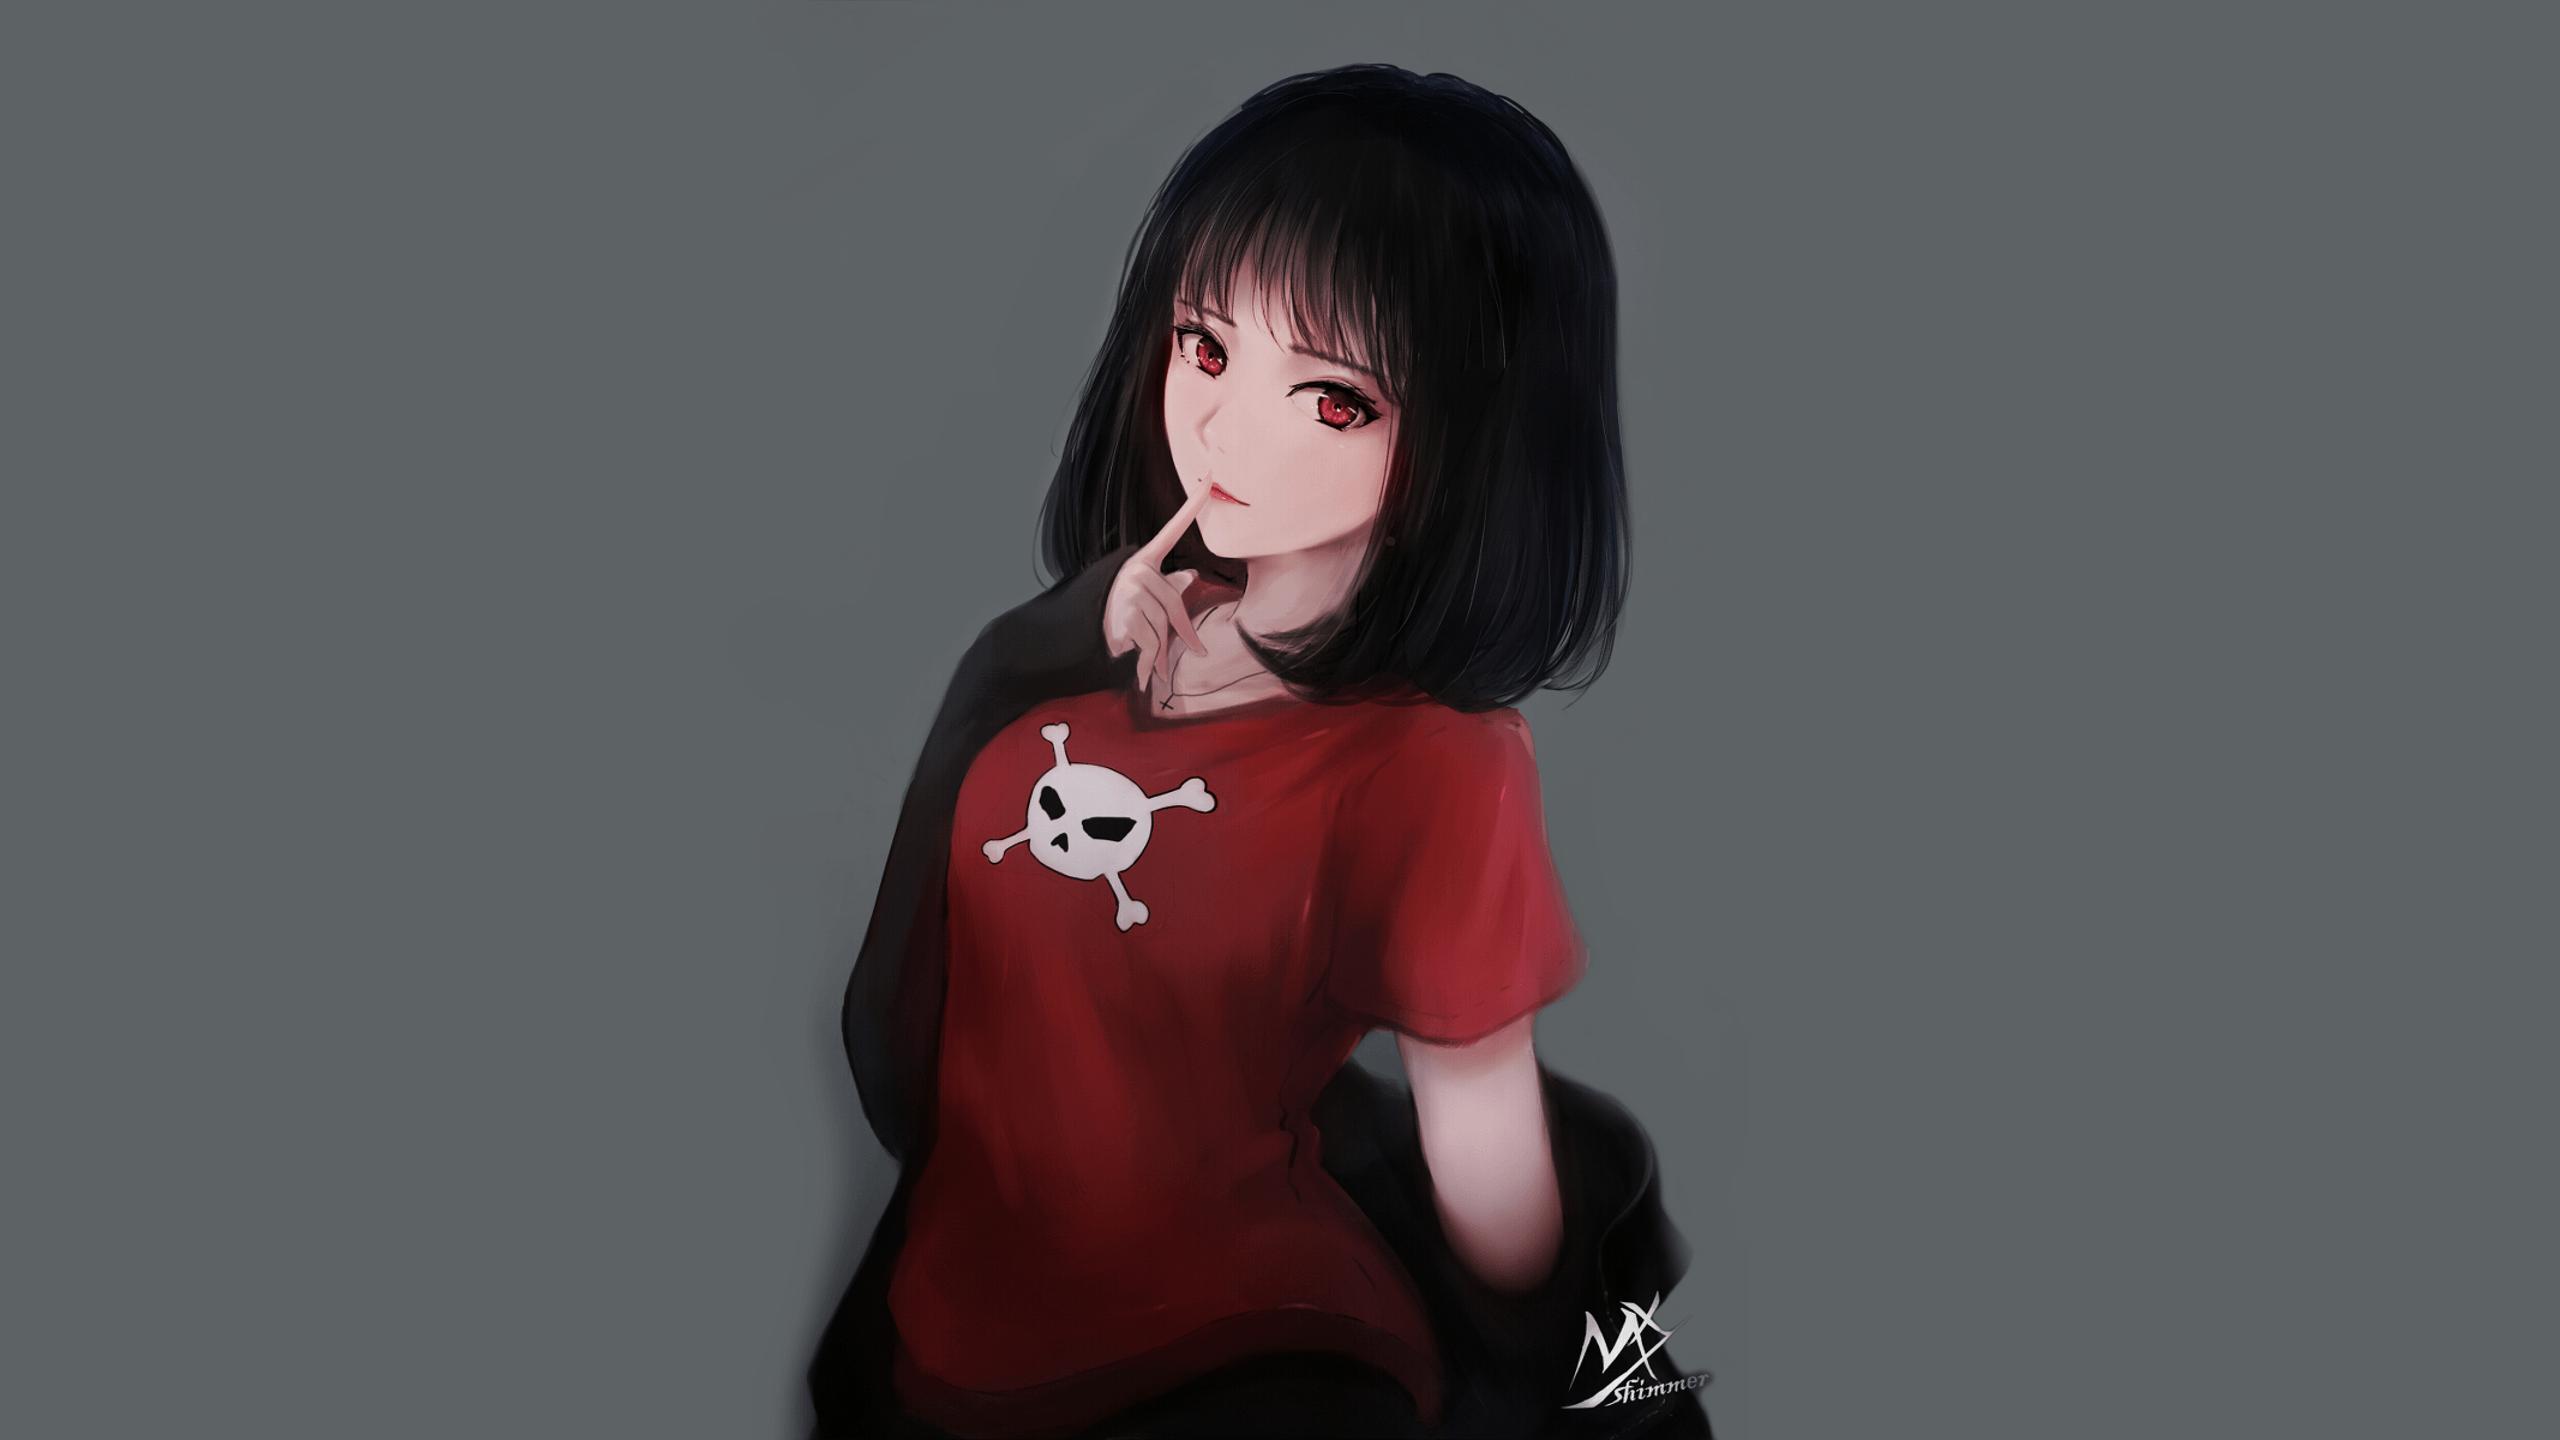 Anime Girl Short Hair Wallpapers - Wallpaper Cave